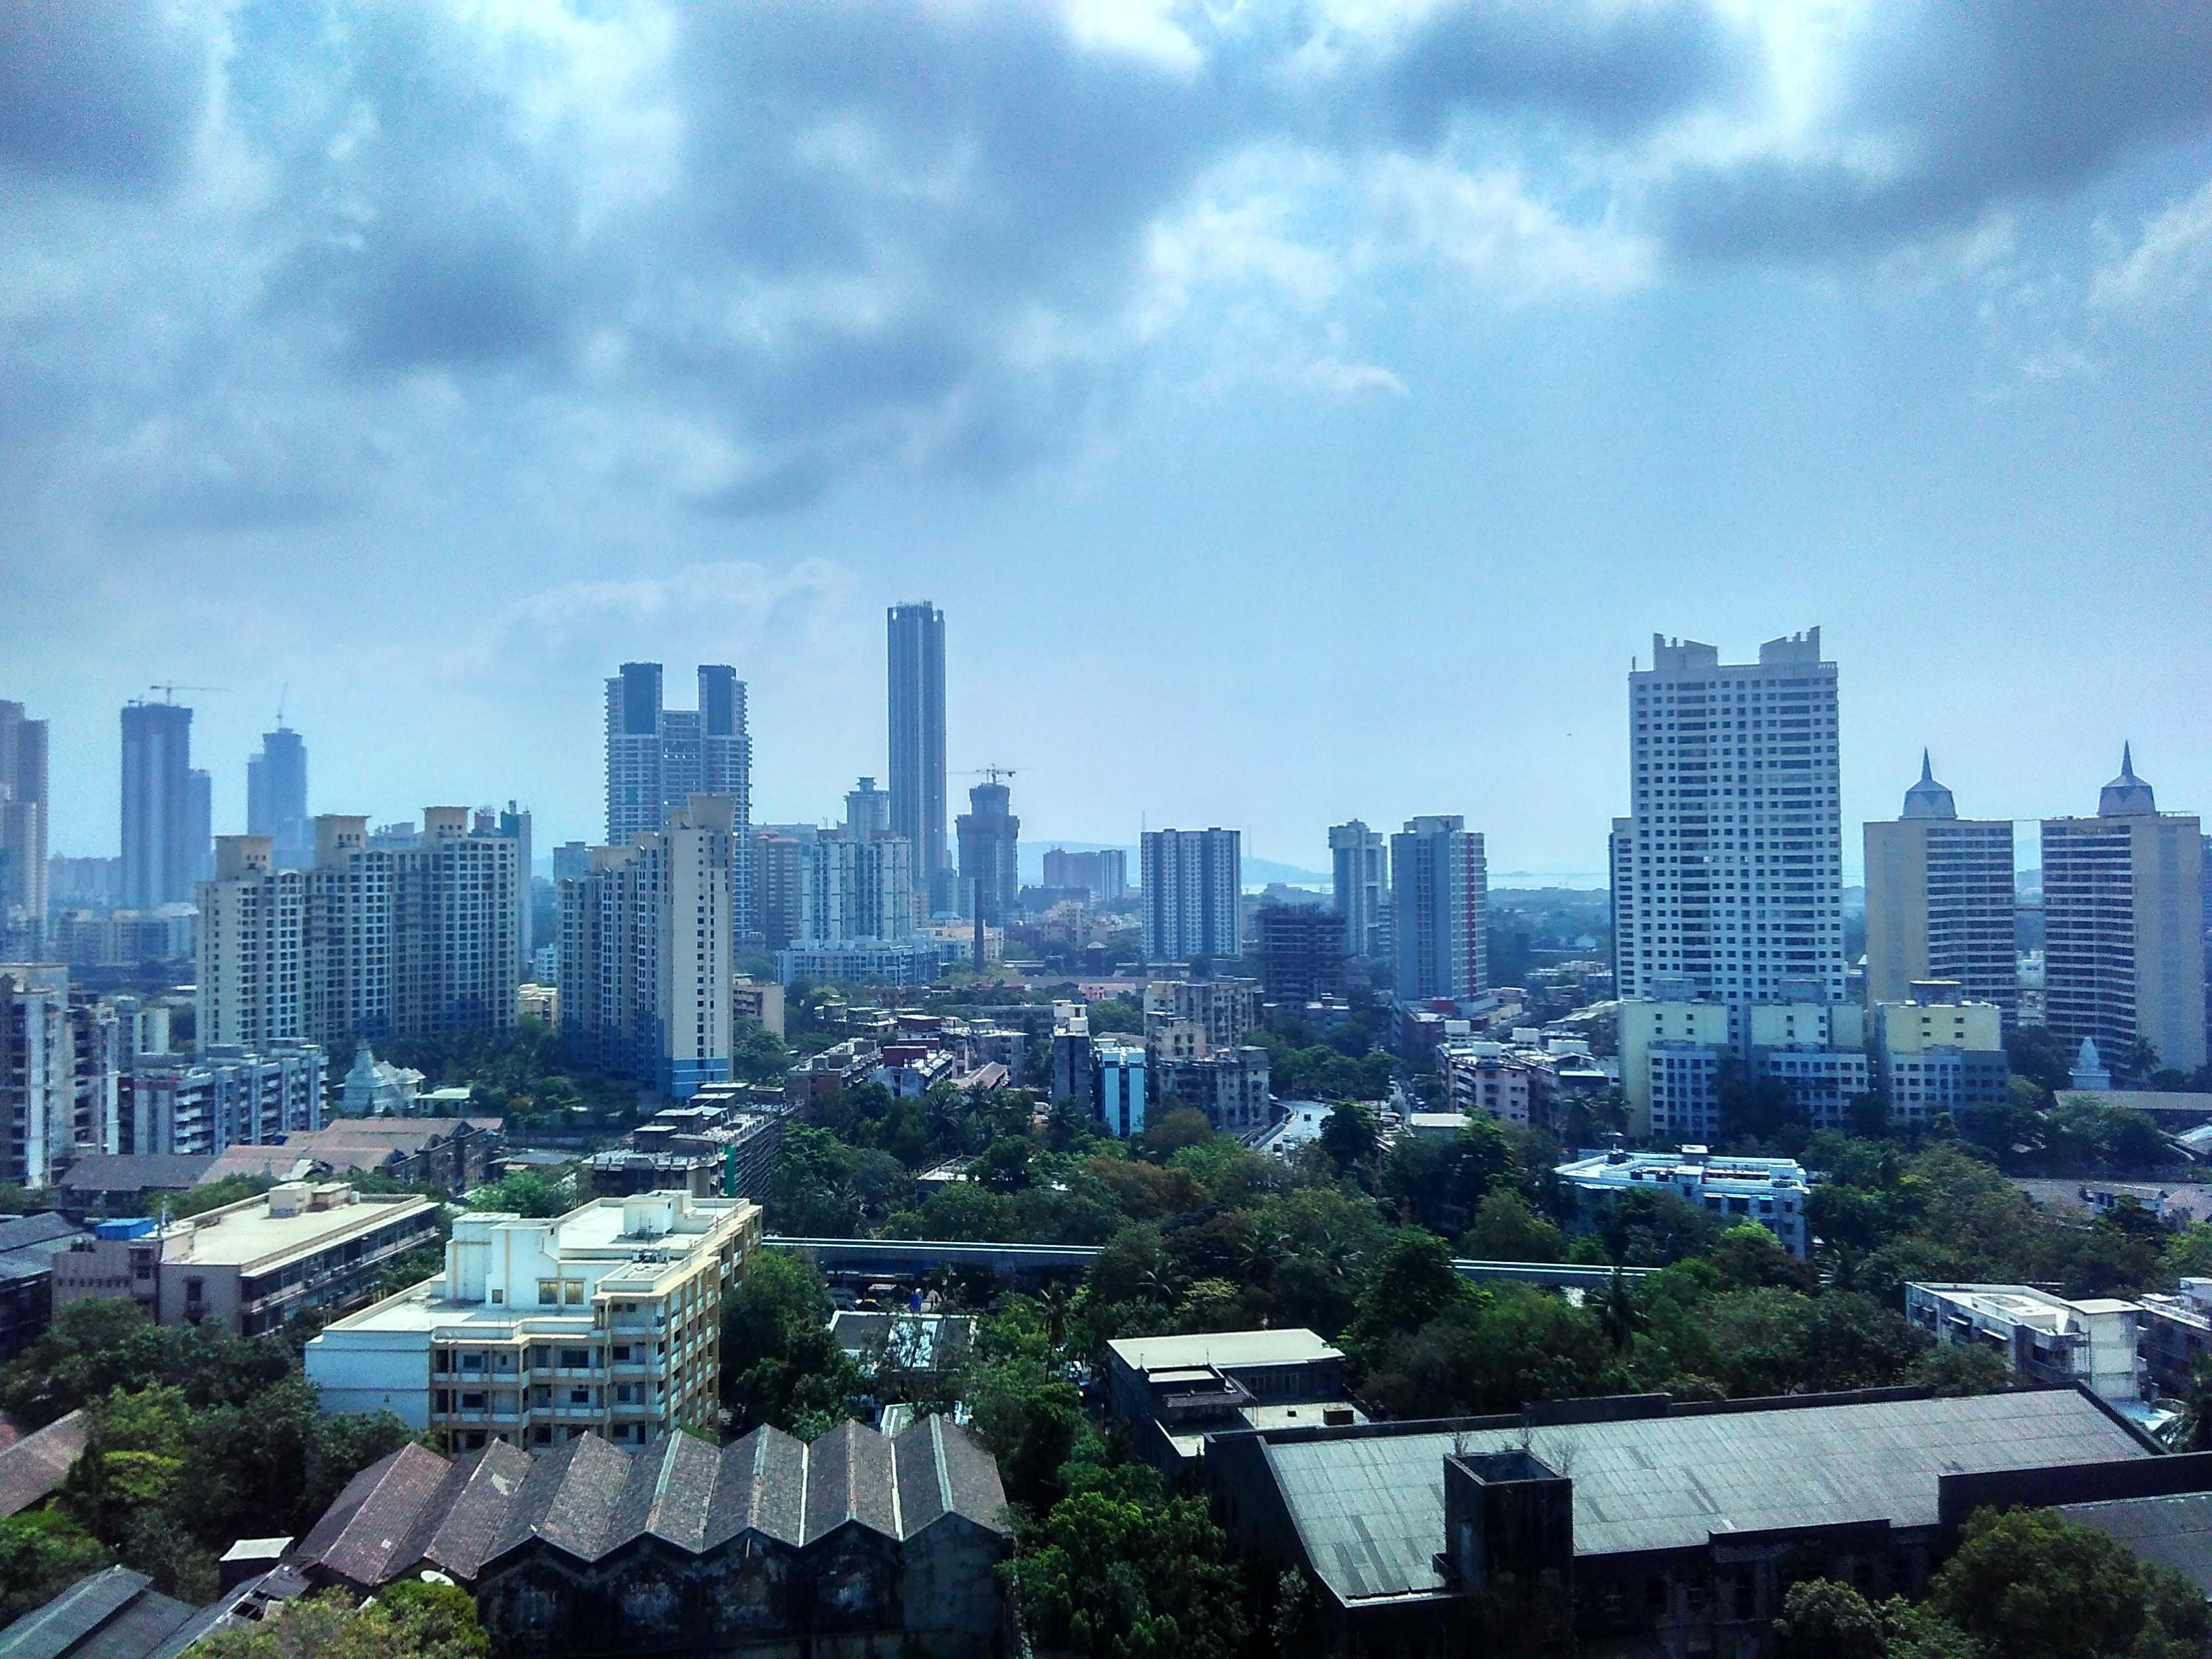 Δωρεάν στοκ φωτογραφιών με mumbai, αστικός, βομβάη, γραμμή ορίζοντα